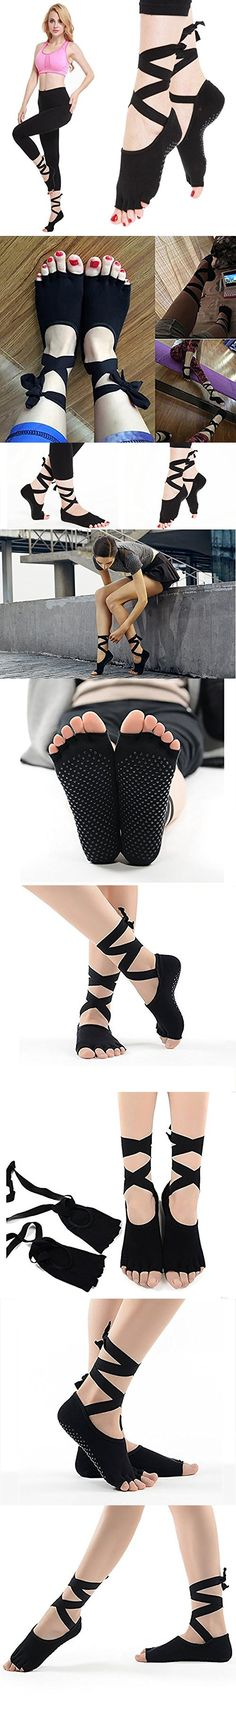 IFUNLE Women's Yoga Toe Socks Toeless Half-toe sock Non Slip Non Skid with Full Grips for Pilates Barre (Black)